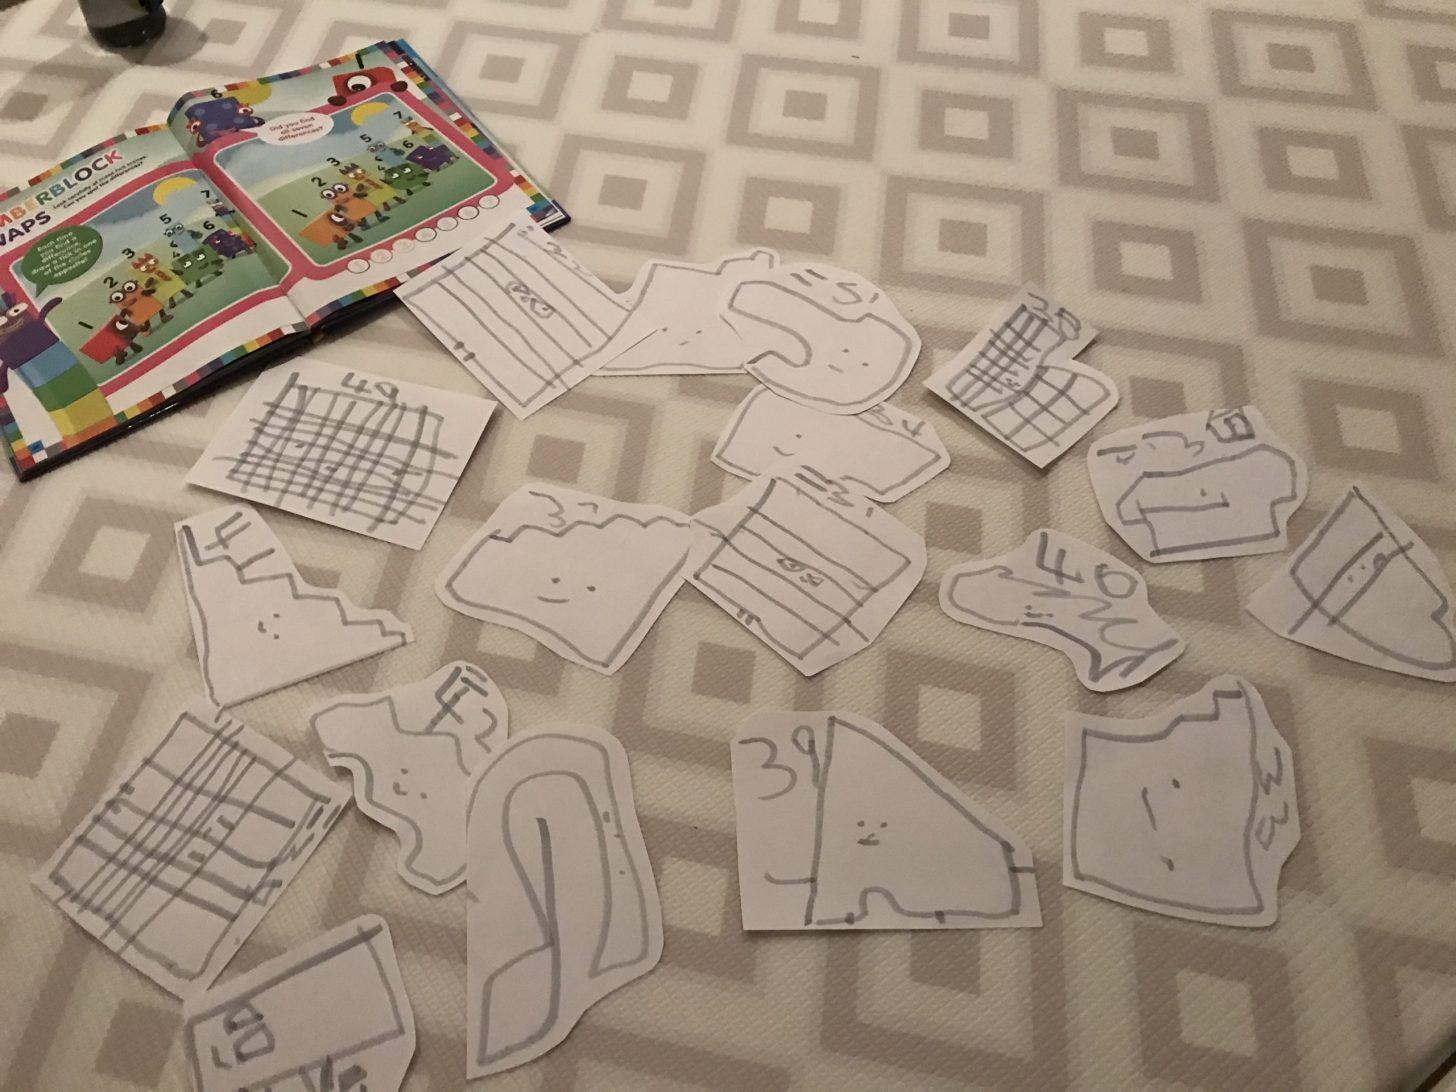 I giocattoli Frugal possono essere disegnati su carta, che è un'ottima pratica per i bambini in età prescolare